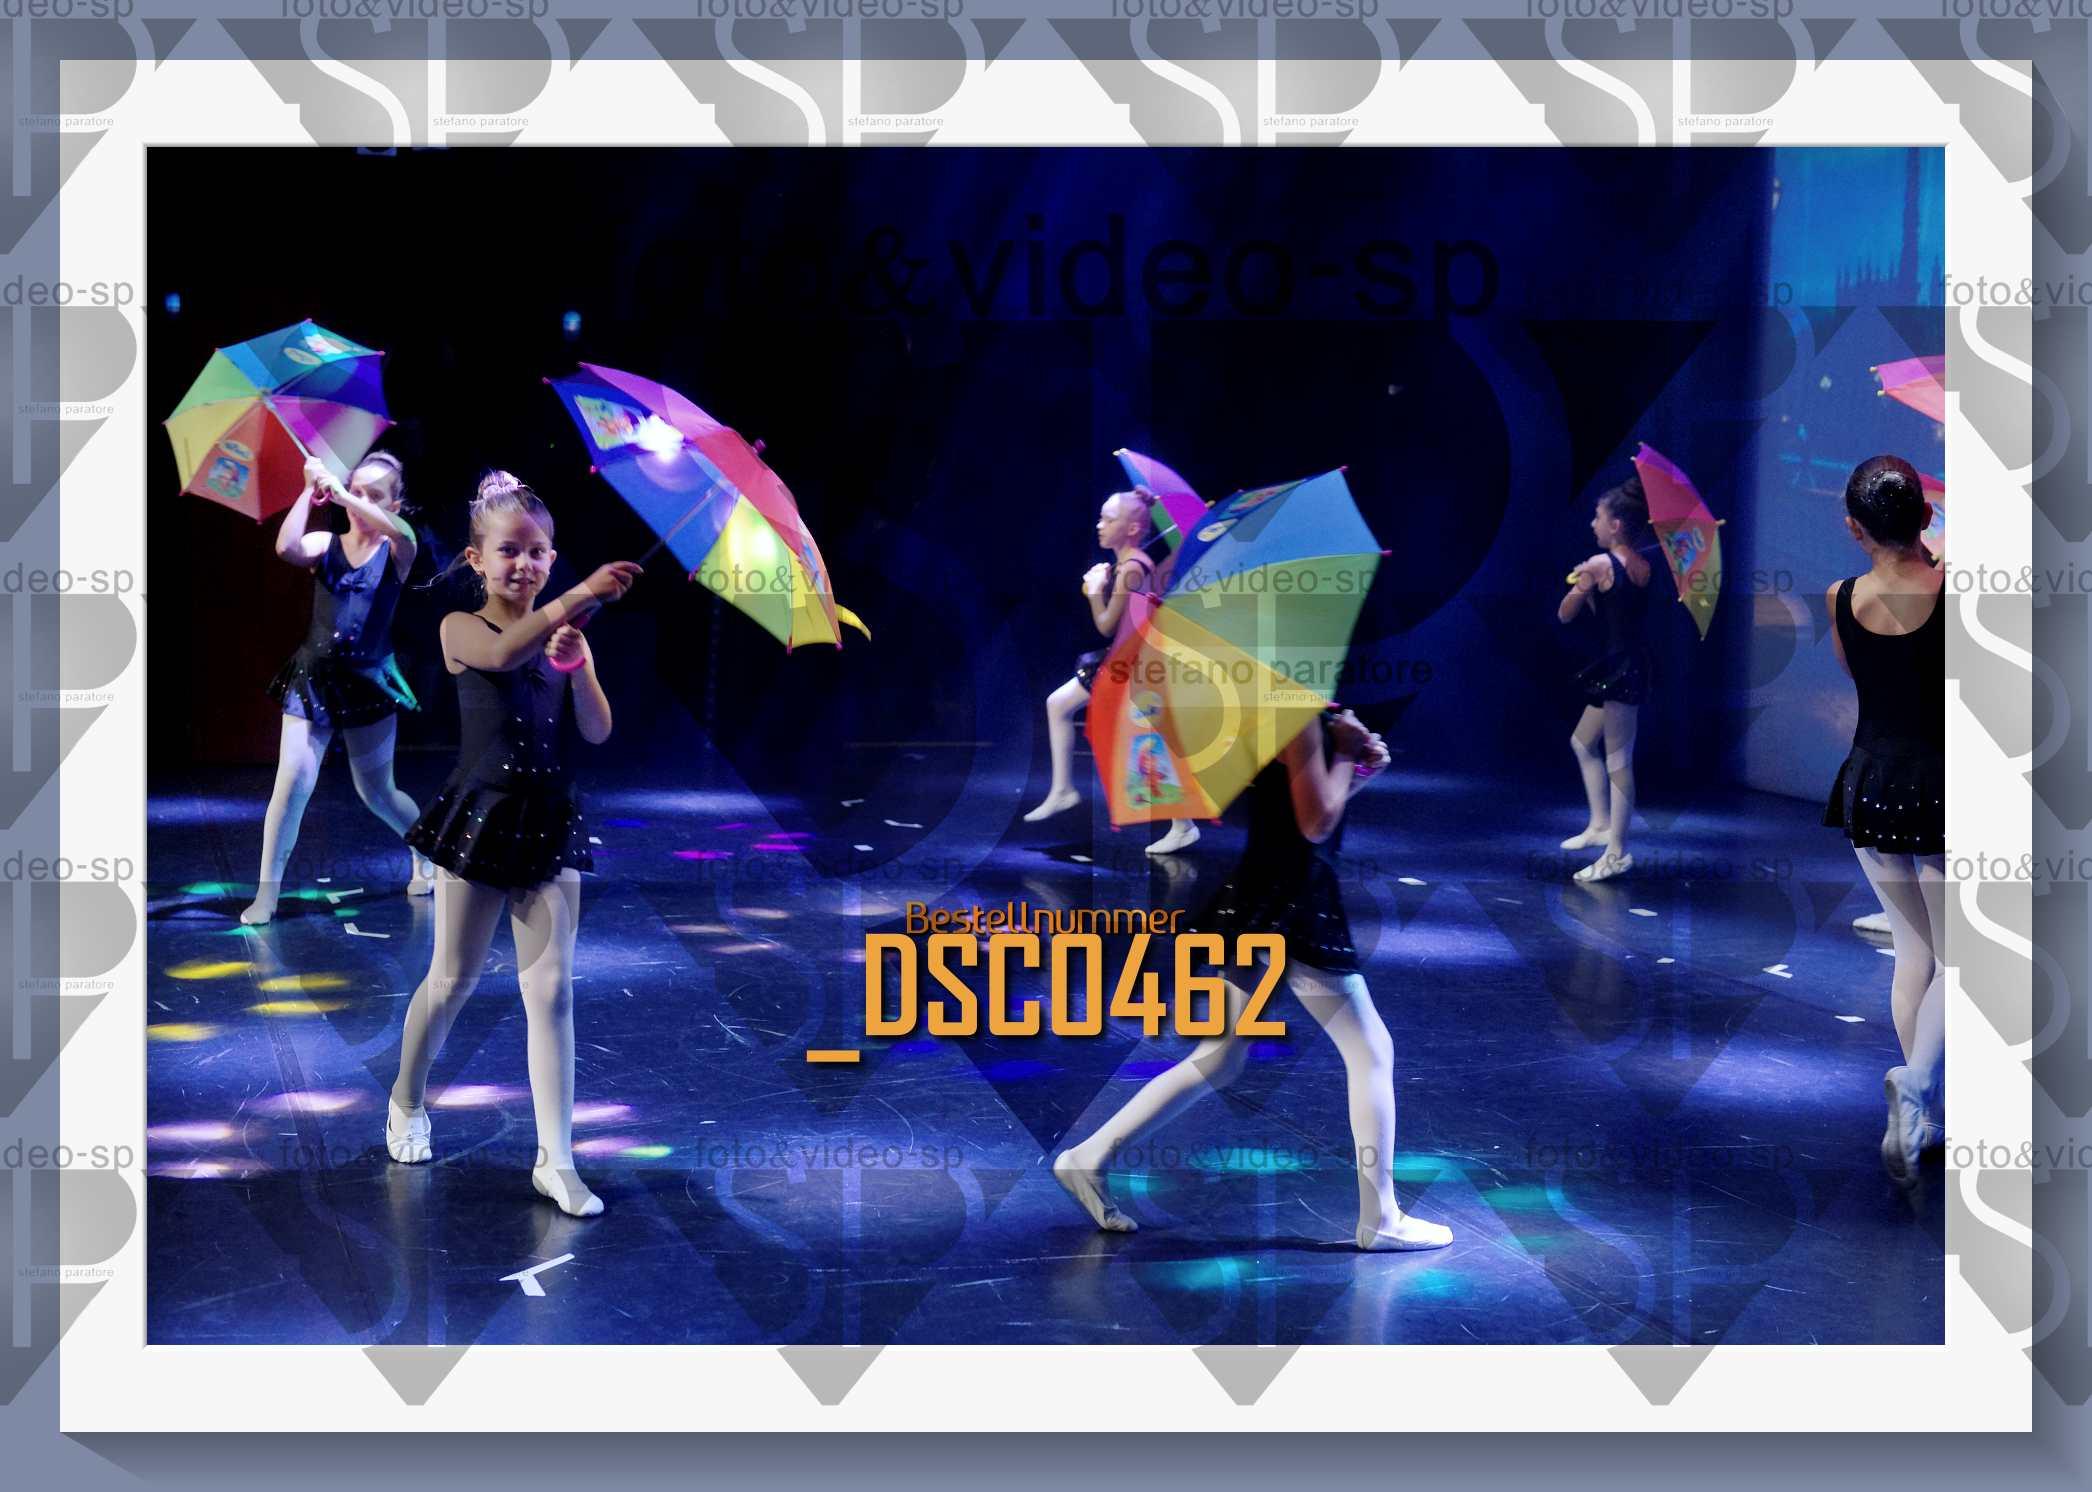 DSC0462